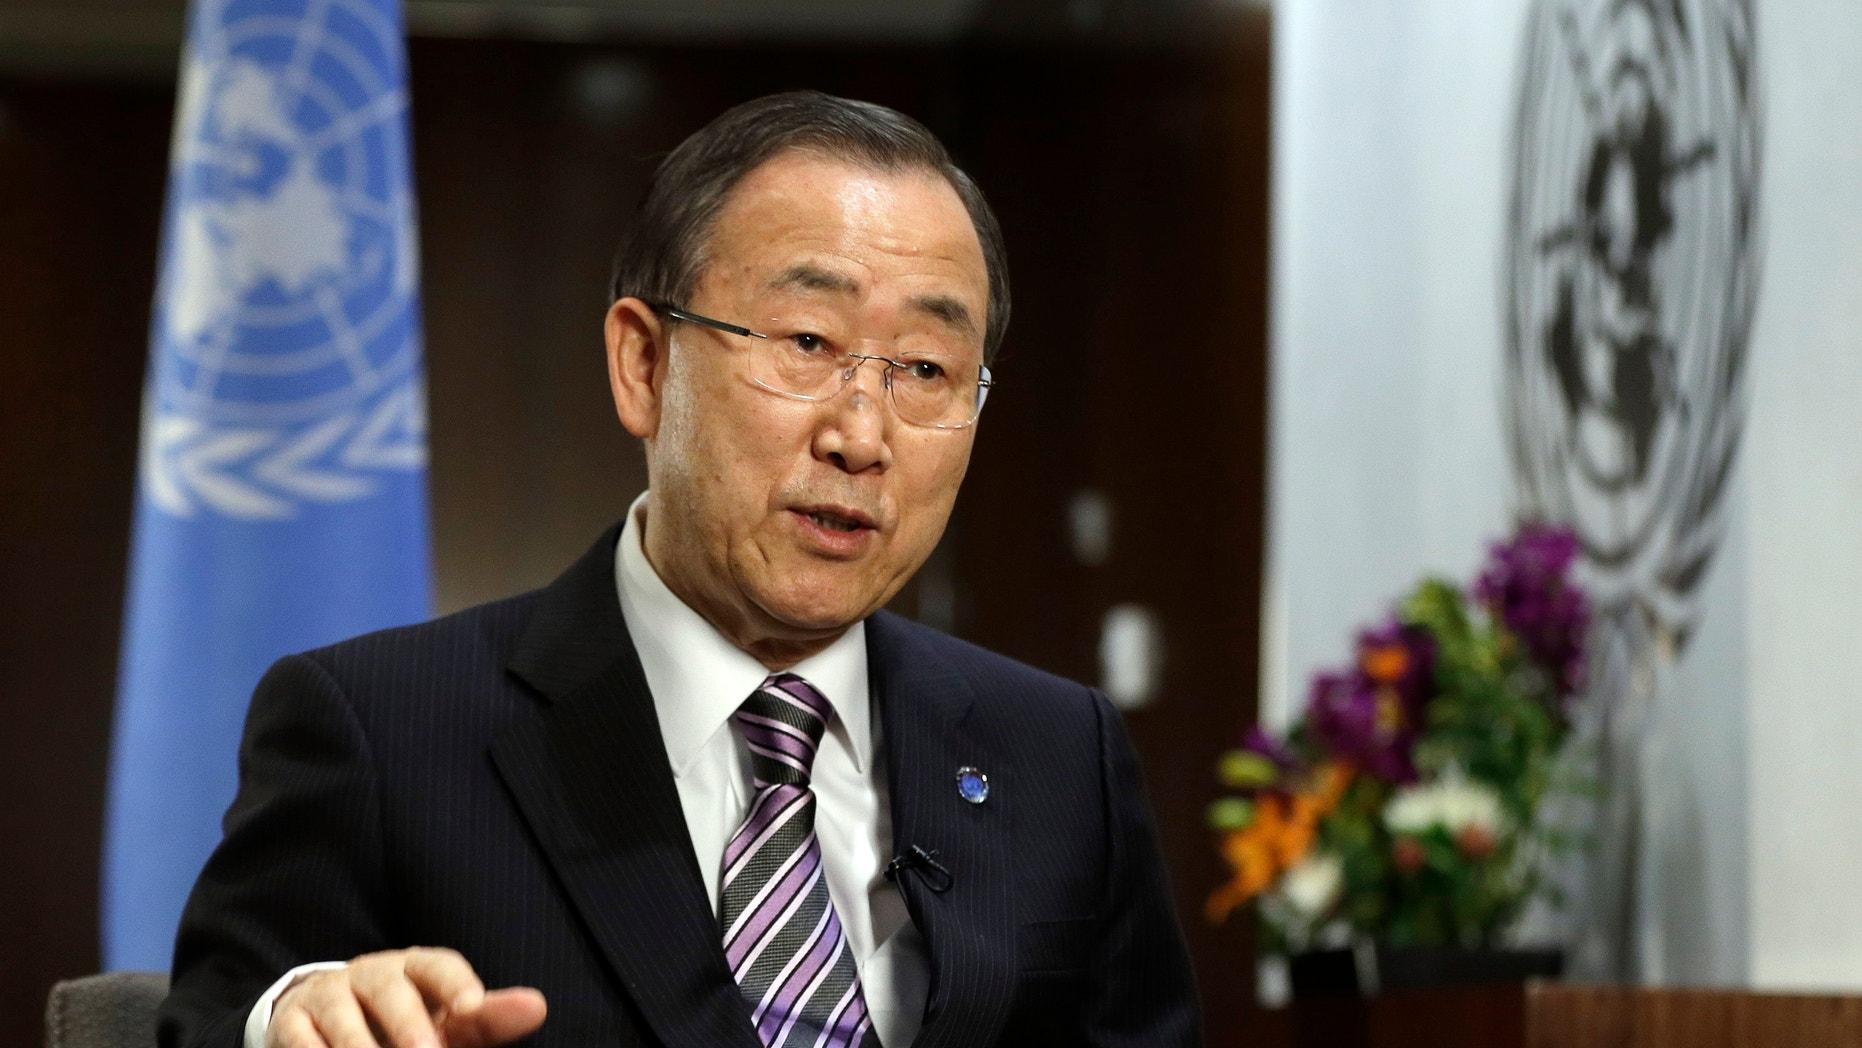 Jan. 11, 2013 - UN Secretary General Ban Ki-moon at UN headquarters